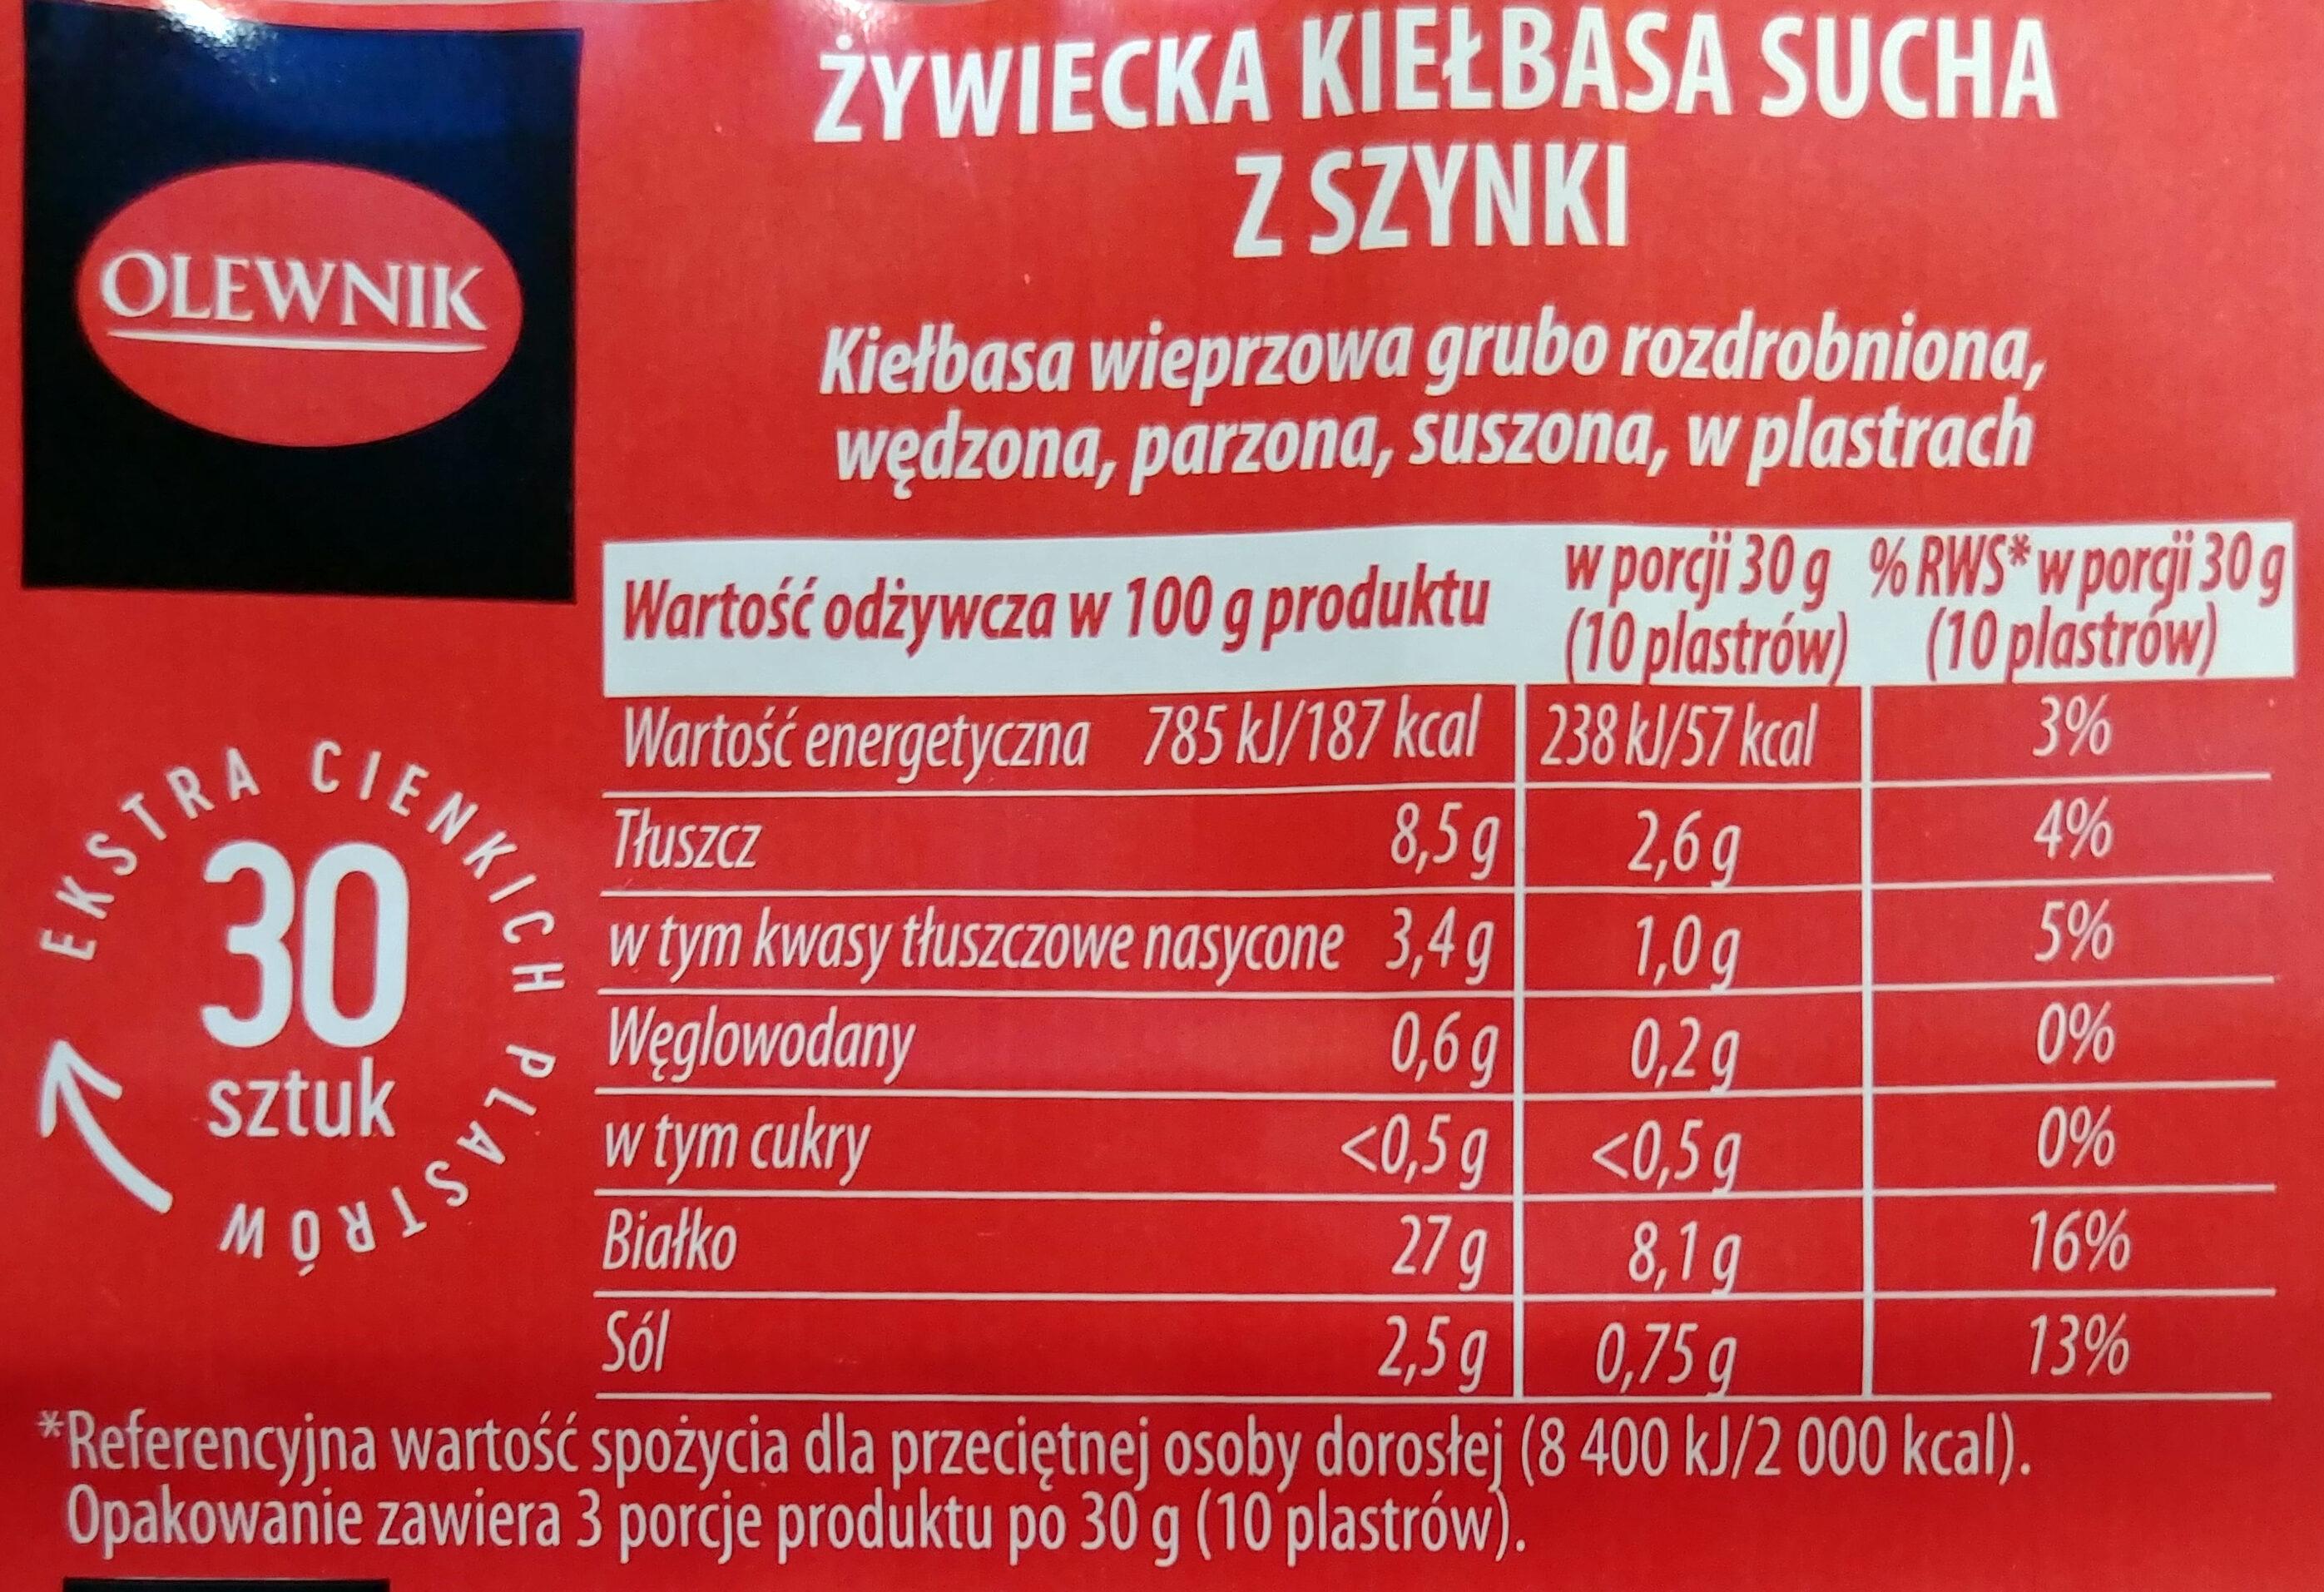 Żywiecka kiełbasa sucha z szynki. - Wartości odżywcze - pl